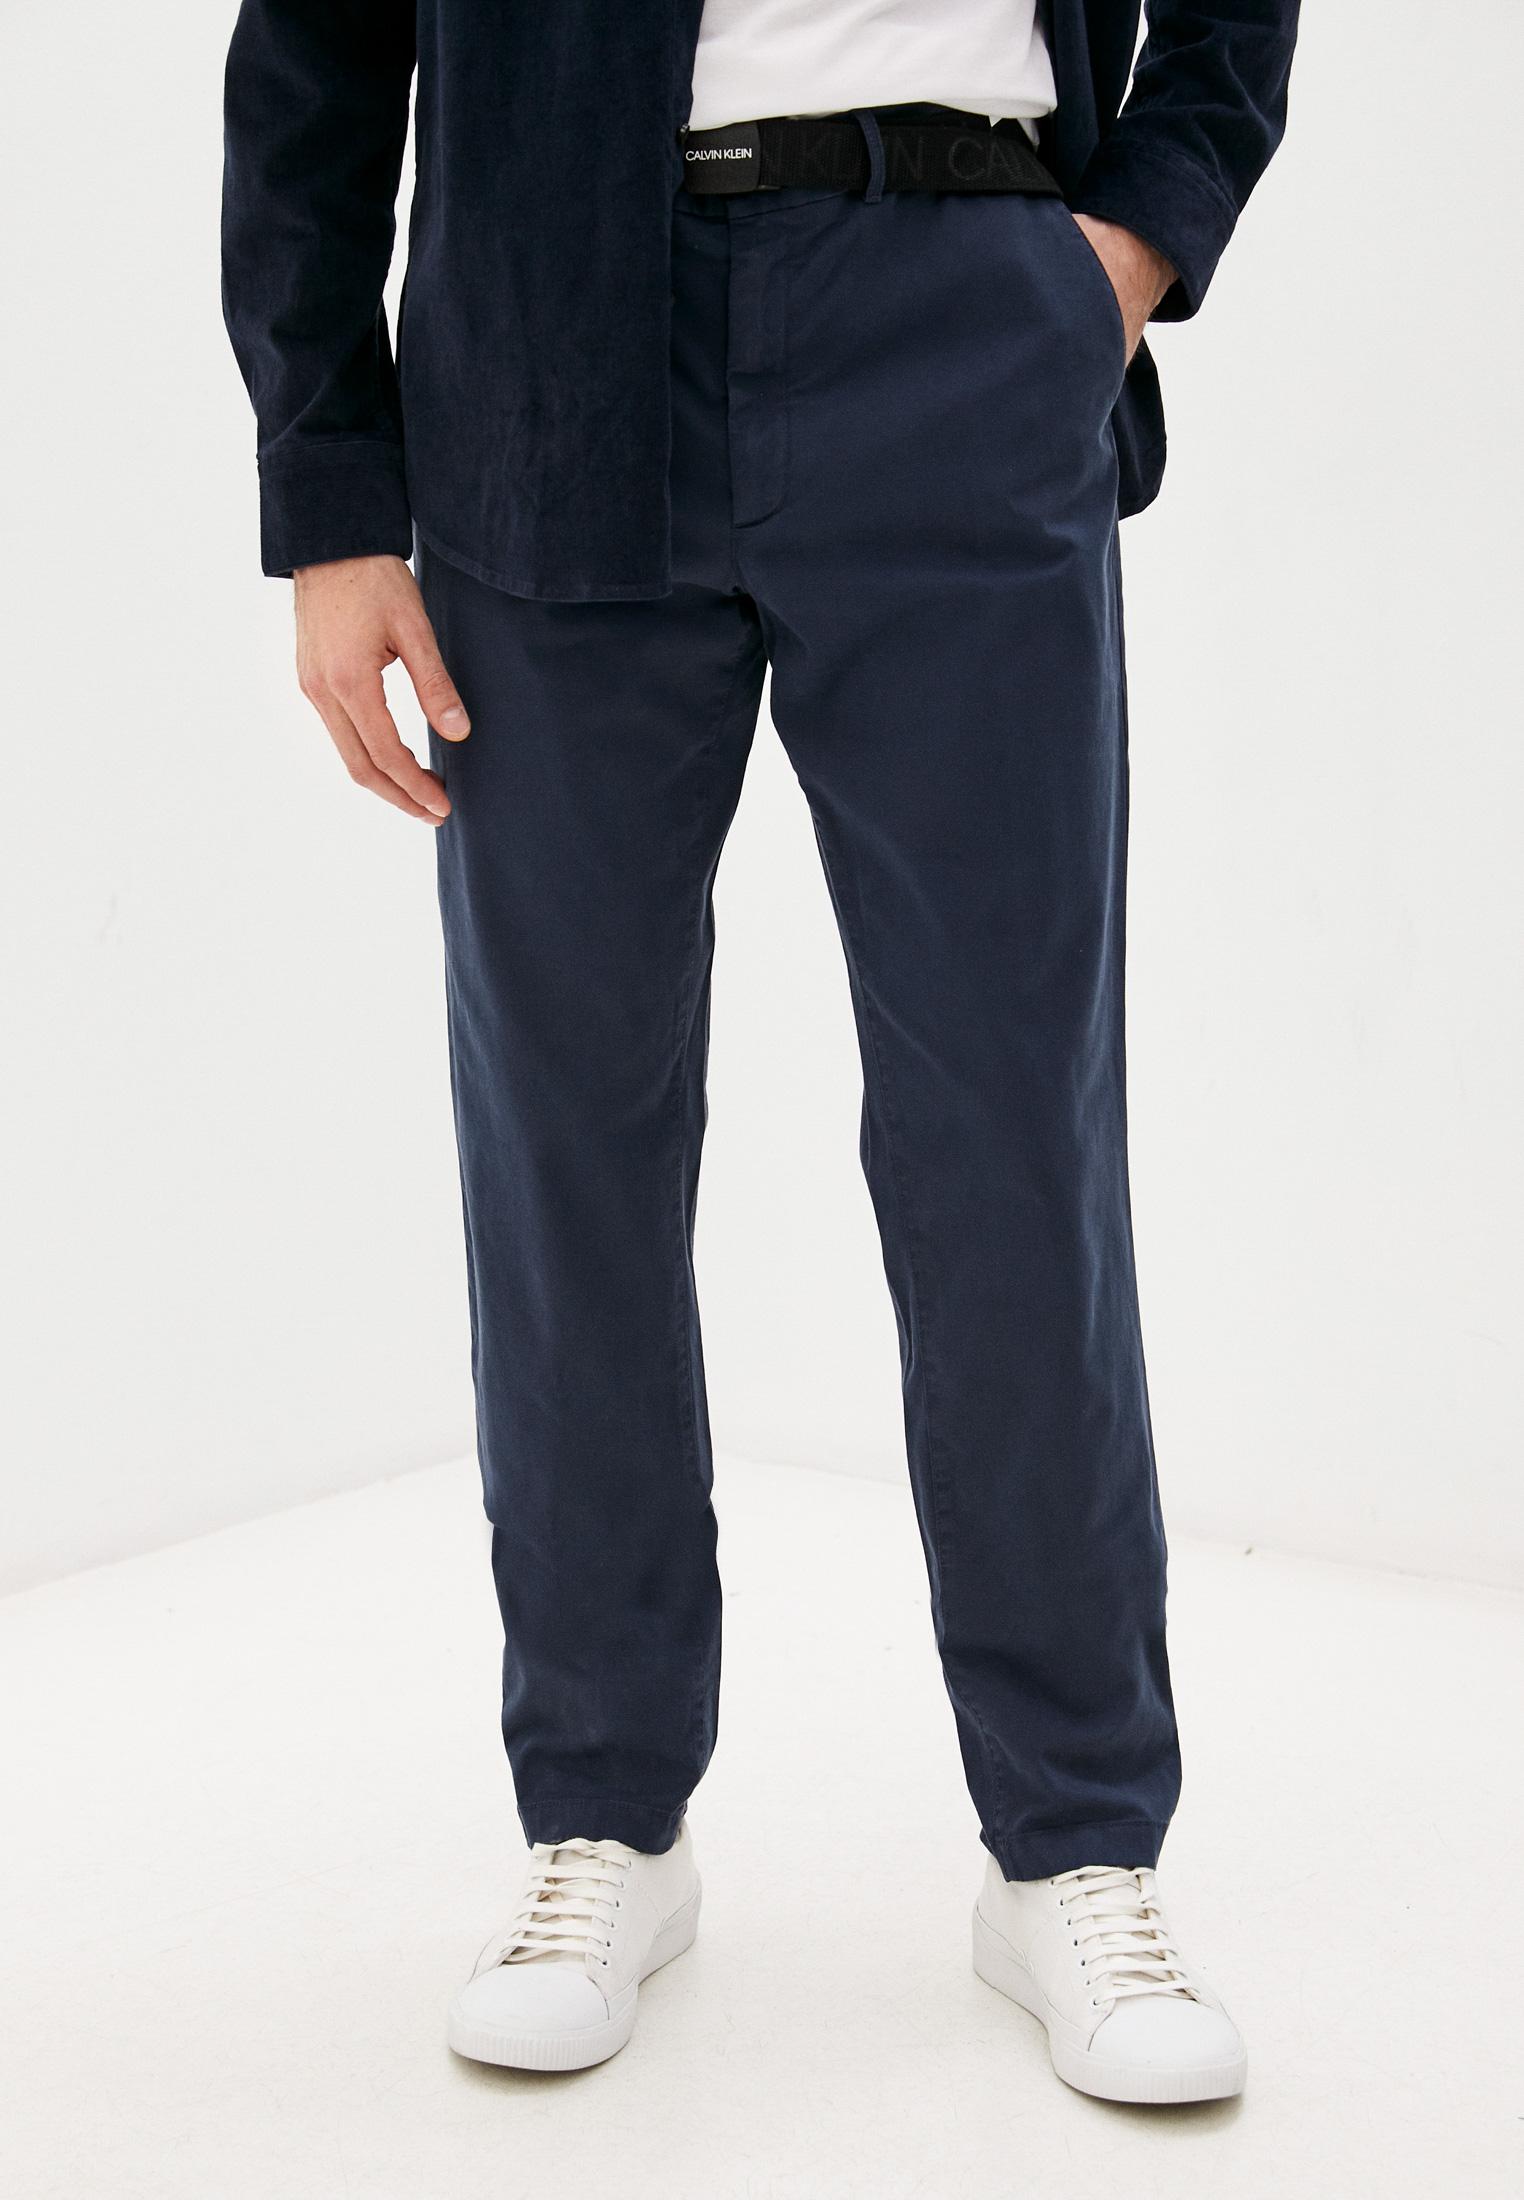 Мужские повседневные брюки Calvin Klein (Кельвин Кляйн) Чиносы Calvin Klein